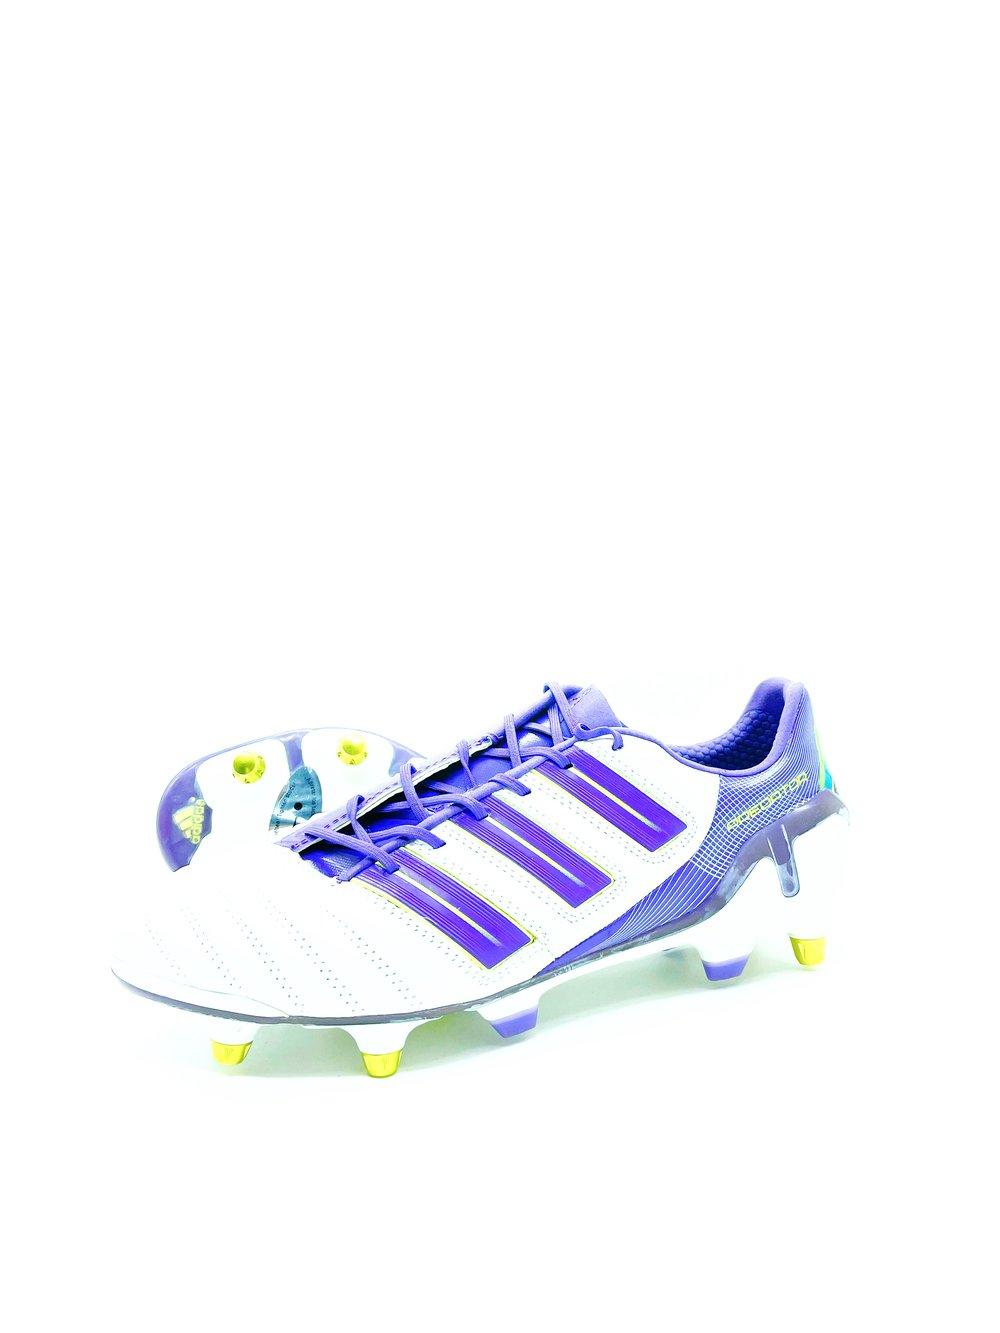 Image of Adidas Predator Adipower SG purple